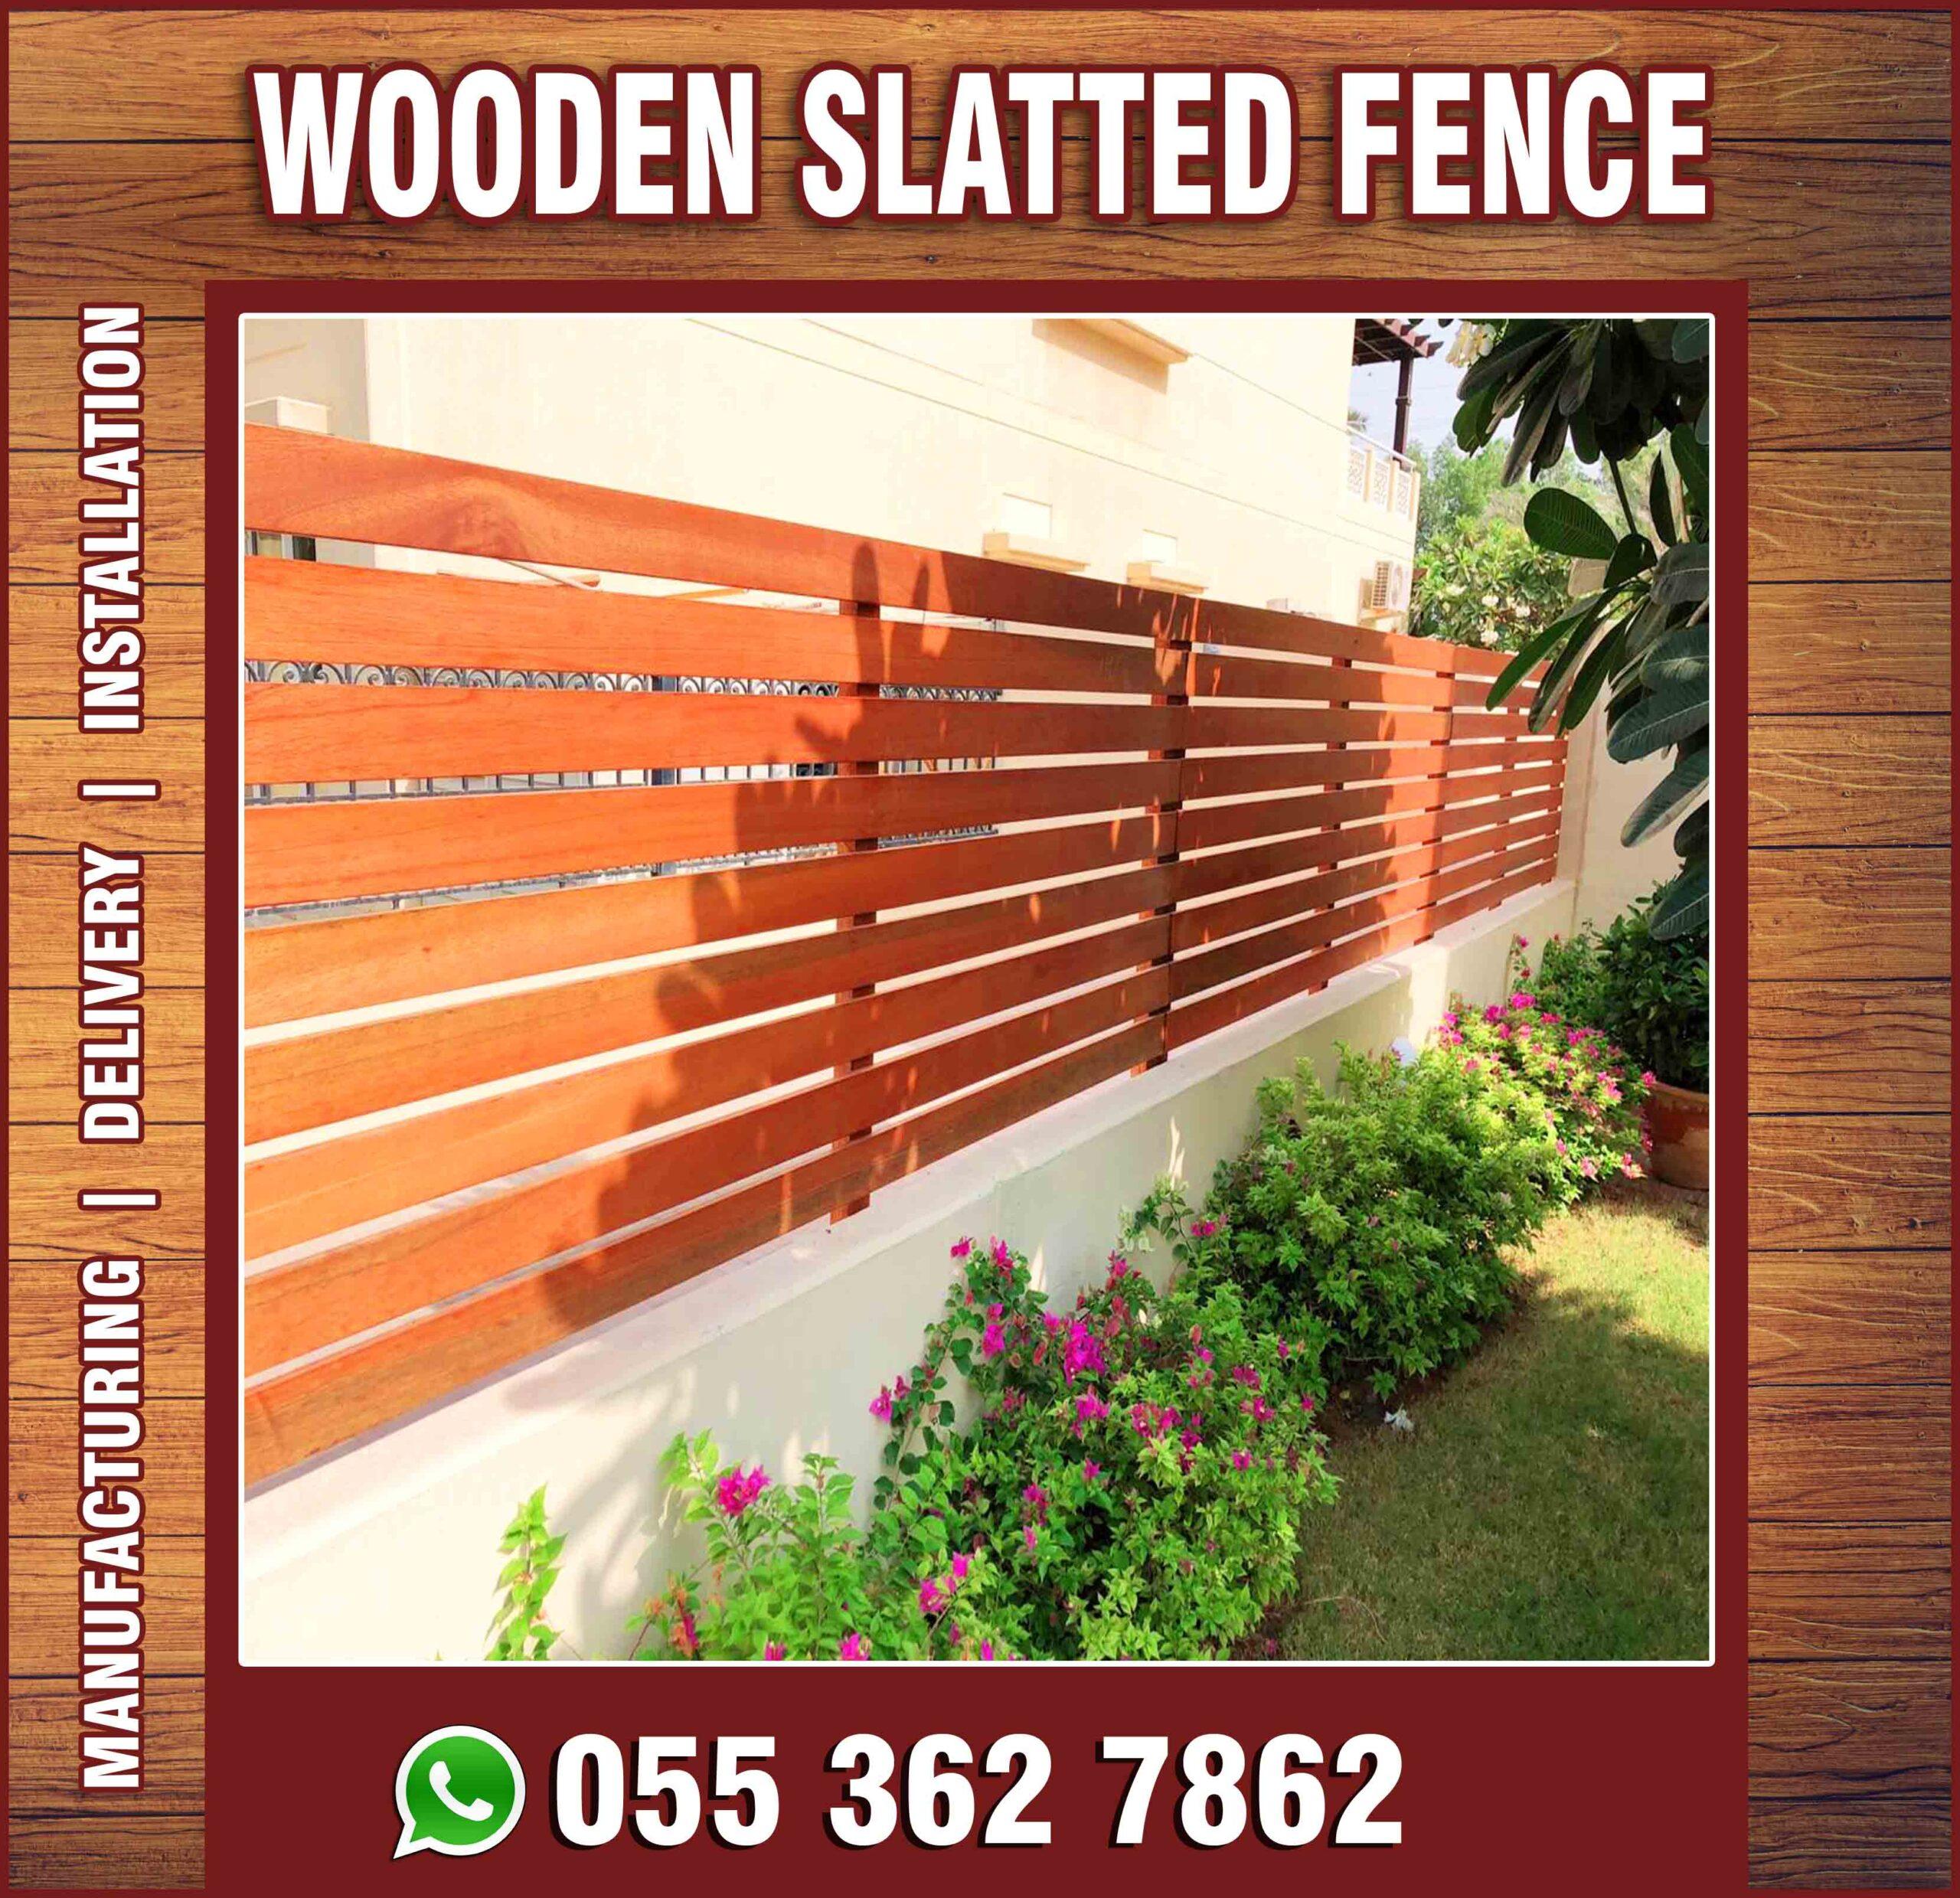 Wooden Slatted Fences in UAE.jpg